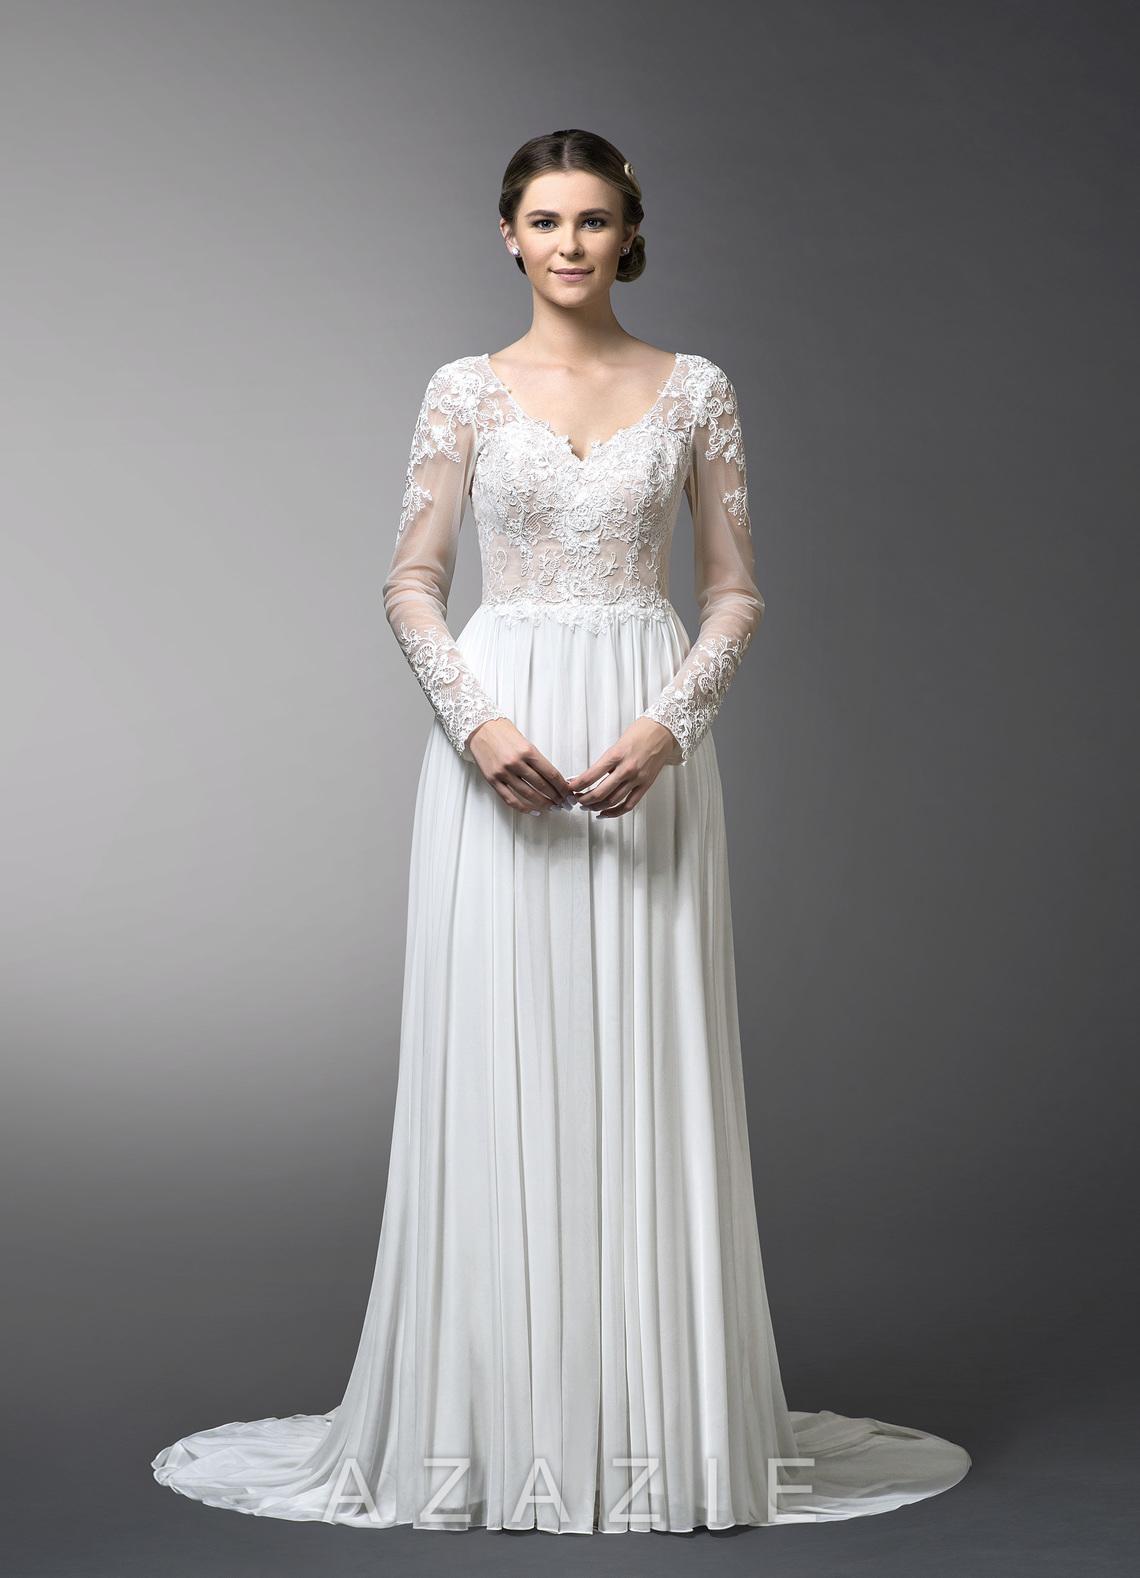 c7648e4761 Azazie Titania BG Wedding Dress | Azazie